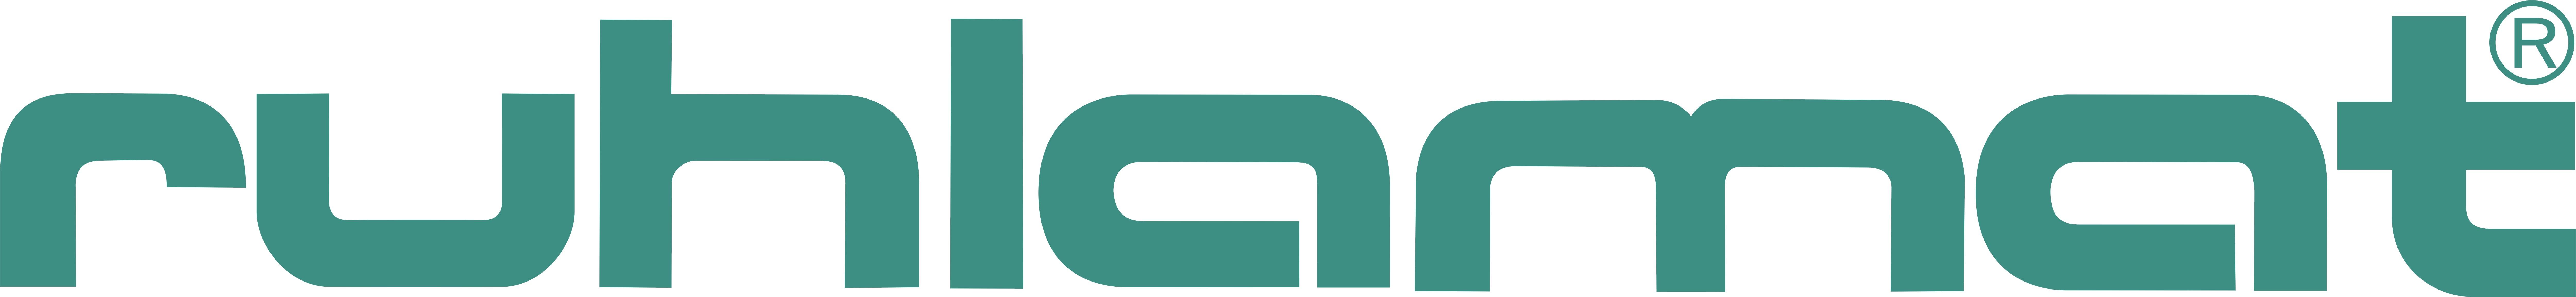 儒拉玛特自动化技术(苏州)有限公司合肥分公司